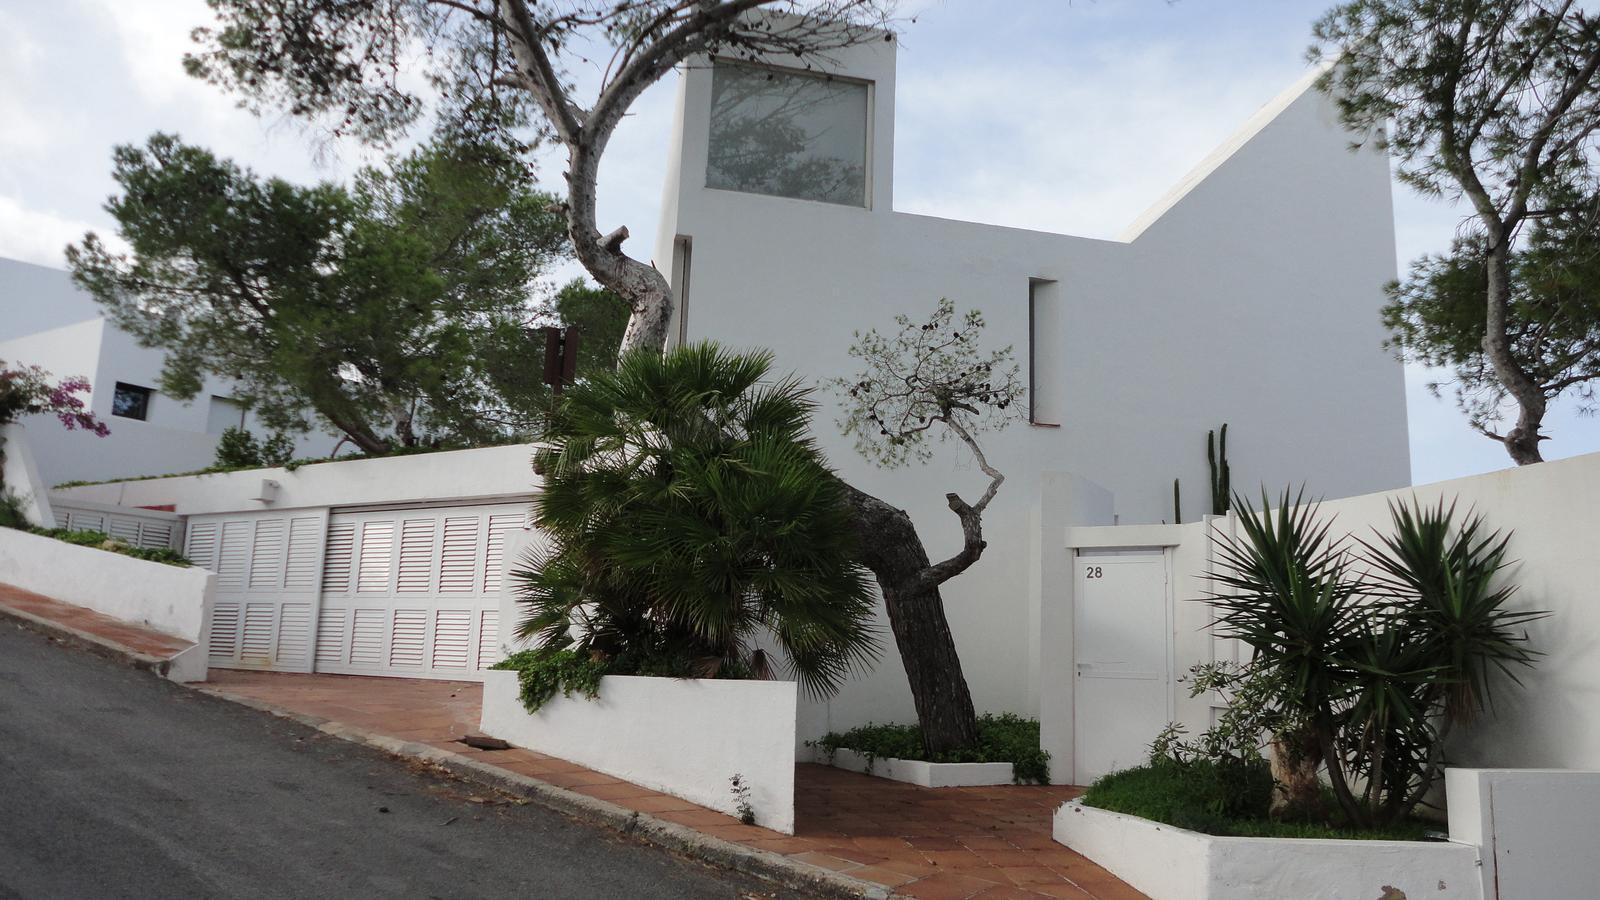 La Casa Van der Driesche / JUANJO SERRA